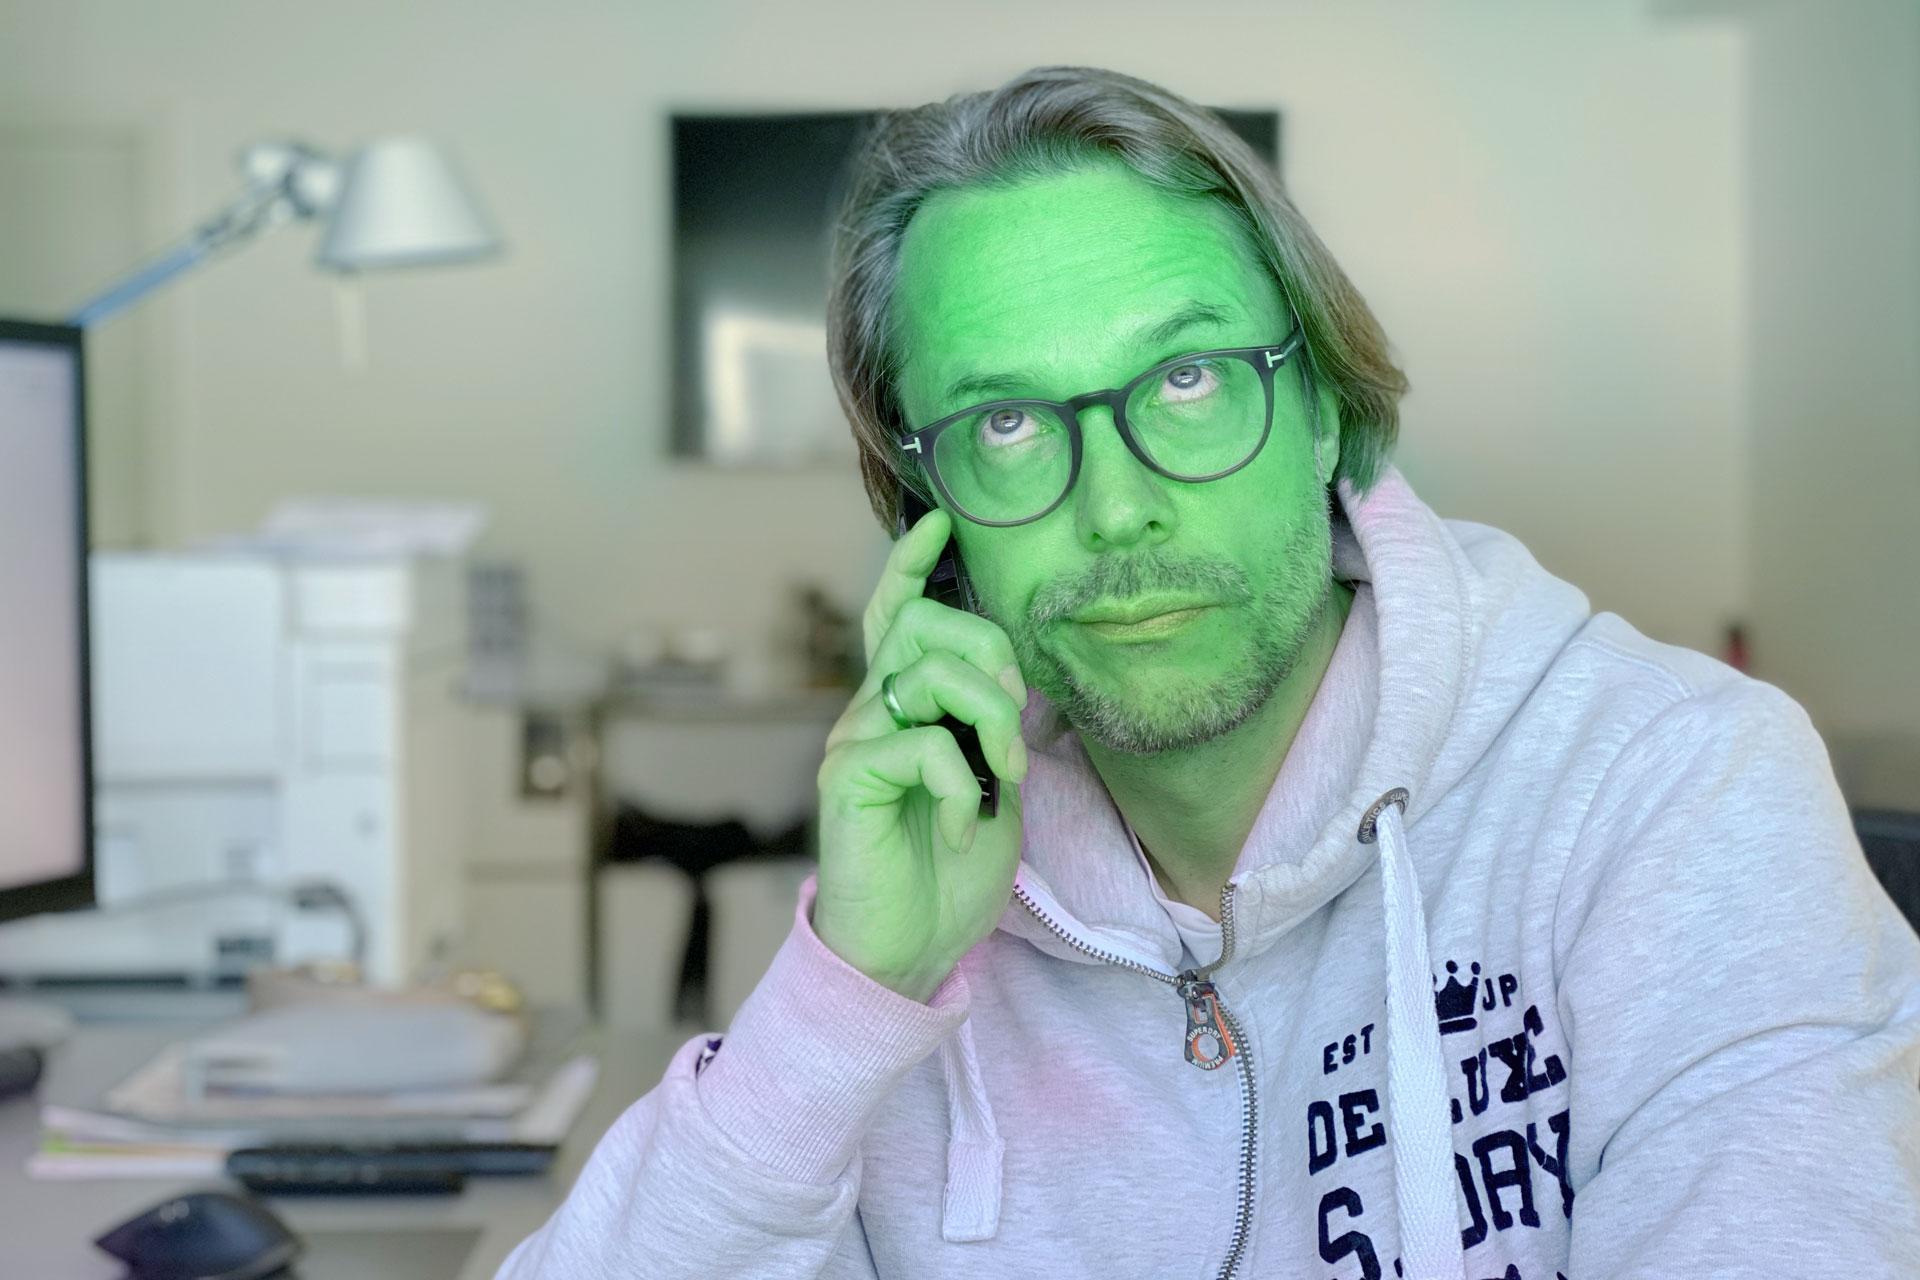 Andreas Pfeil-Schulz mit grünem Gesicht